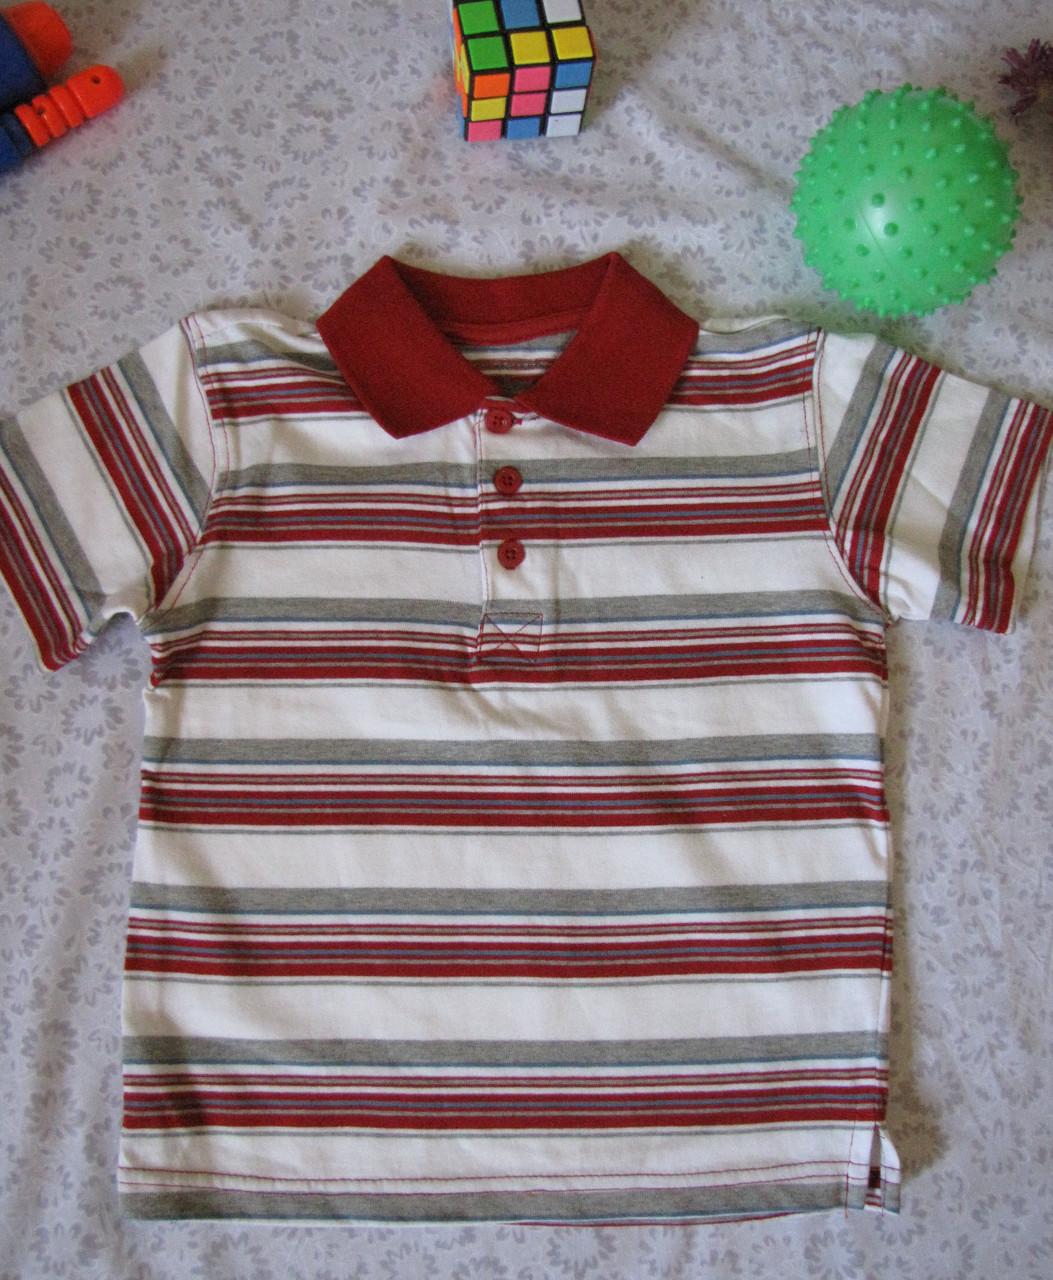 Футболка поло Wonder Kids оригинал рост 98 см белая+красная 07124